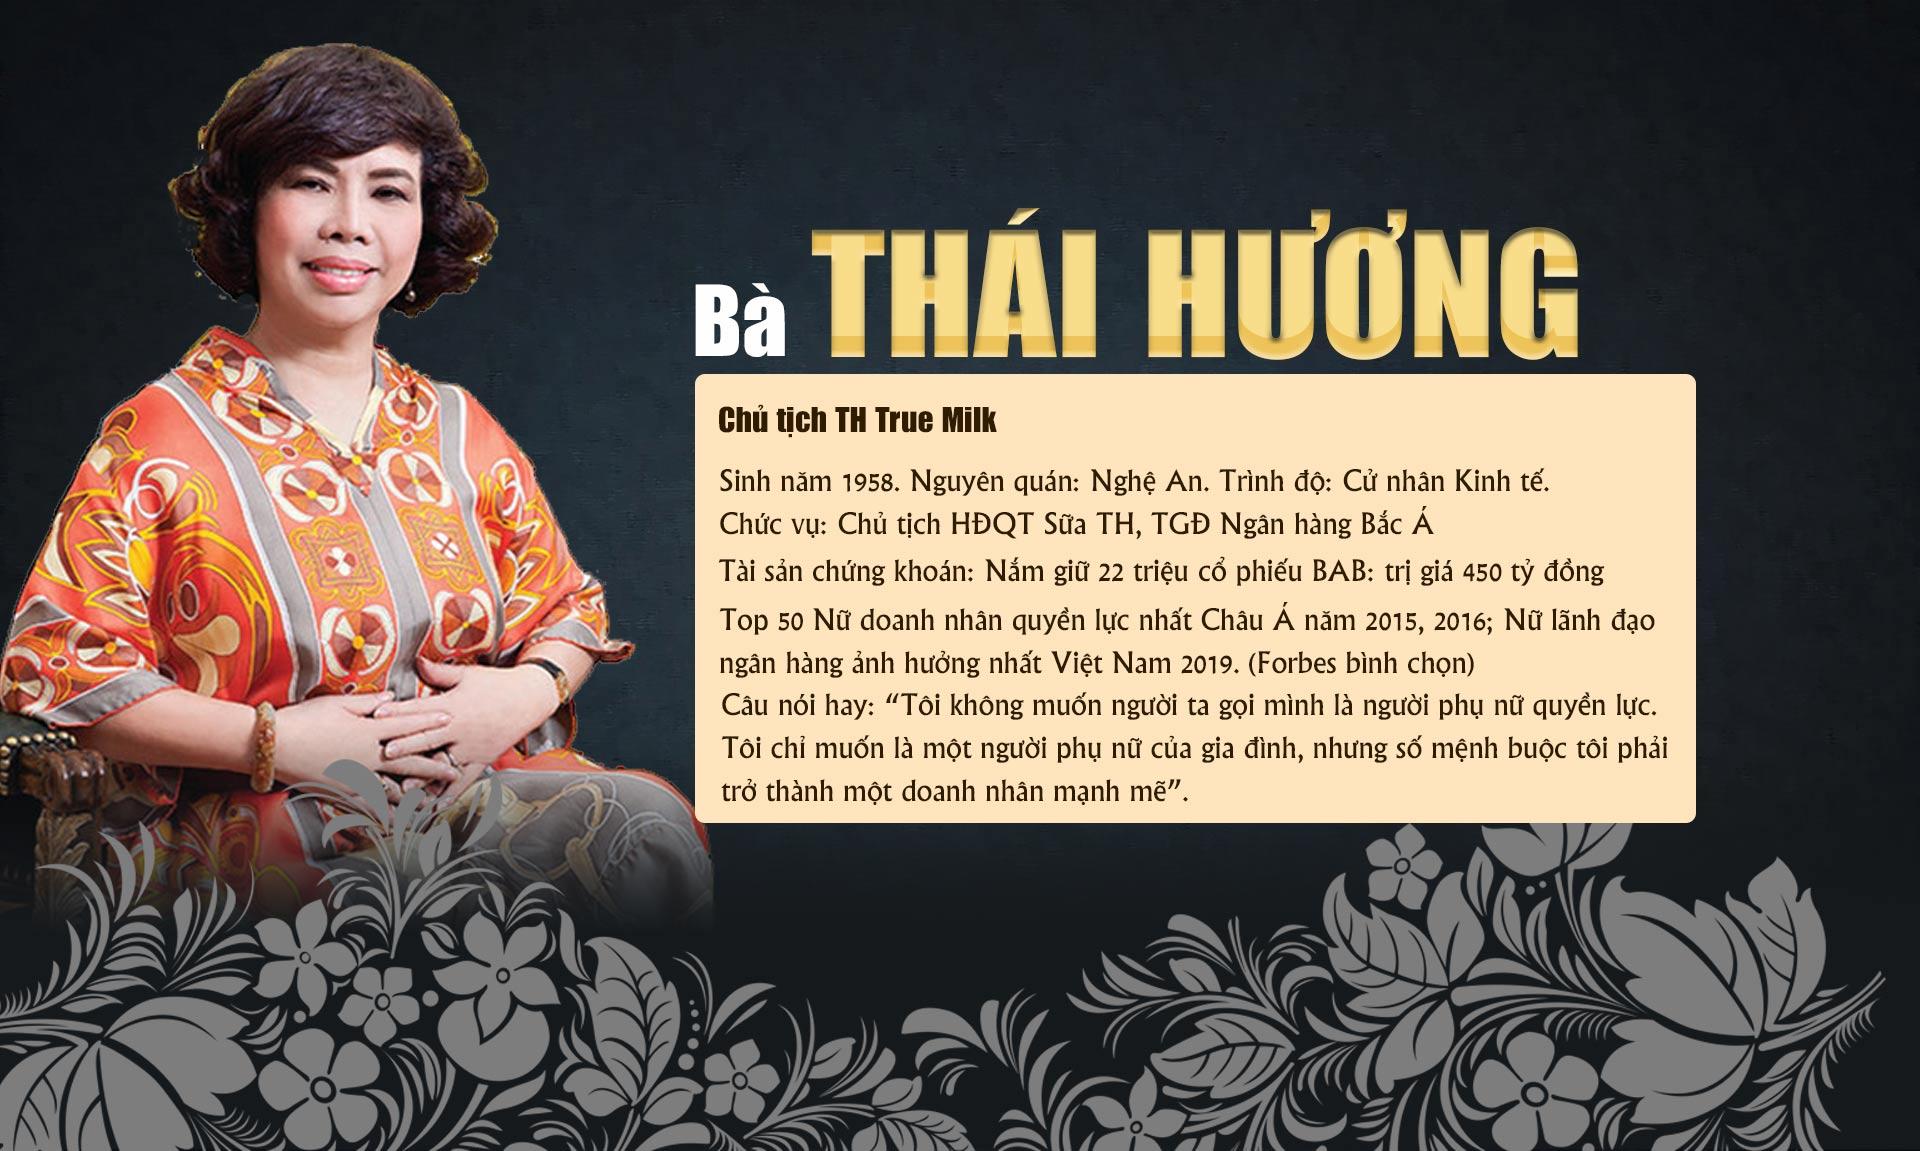 10 phụ nữ Việt gây choáng bởi sự giàu có, giỏi giang và quyền lực - 7